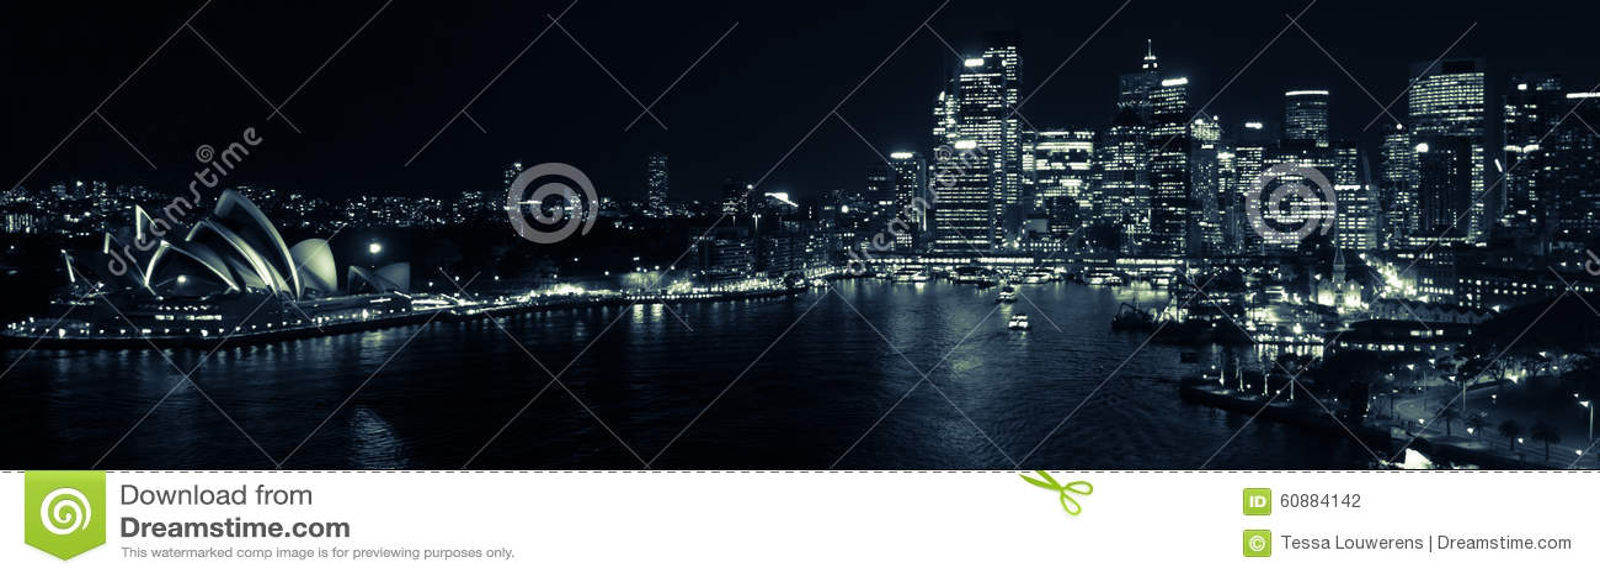 Λιμενικό τή νύχτα πανόραμα του Σίδνεϊ σε γραπτό